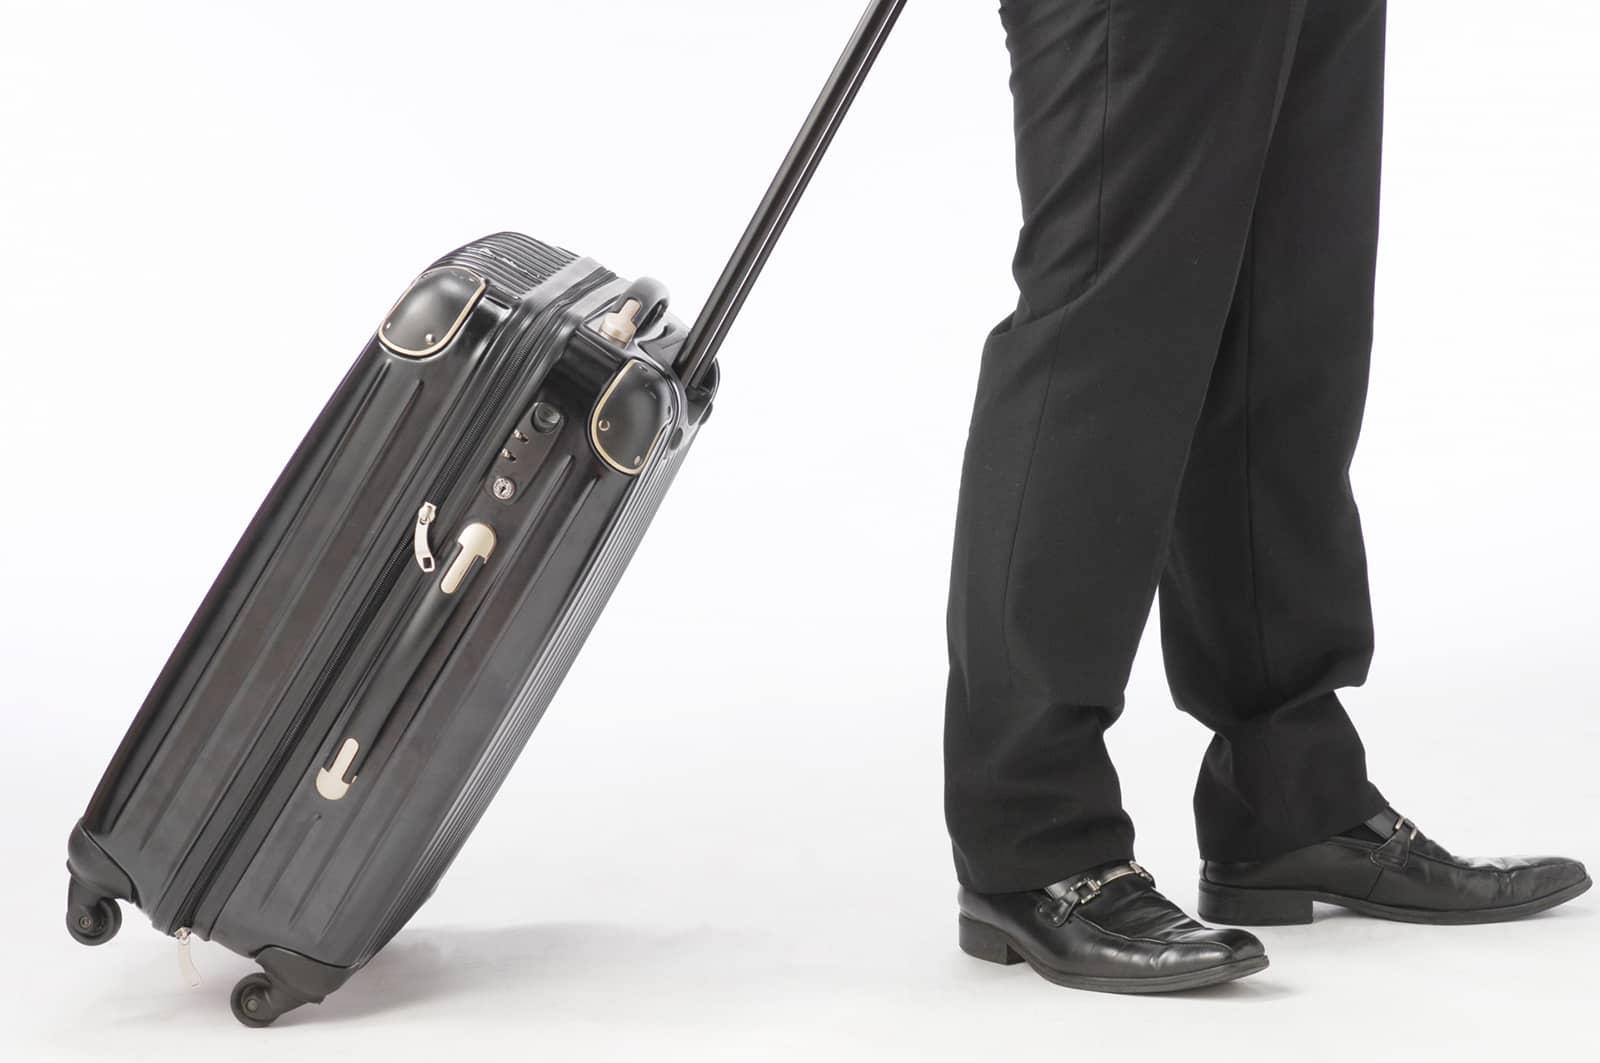 スーツケースを持ったビジネスマン